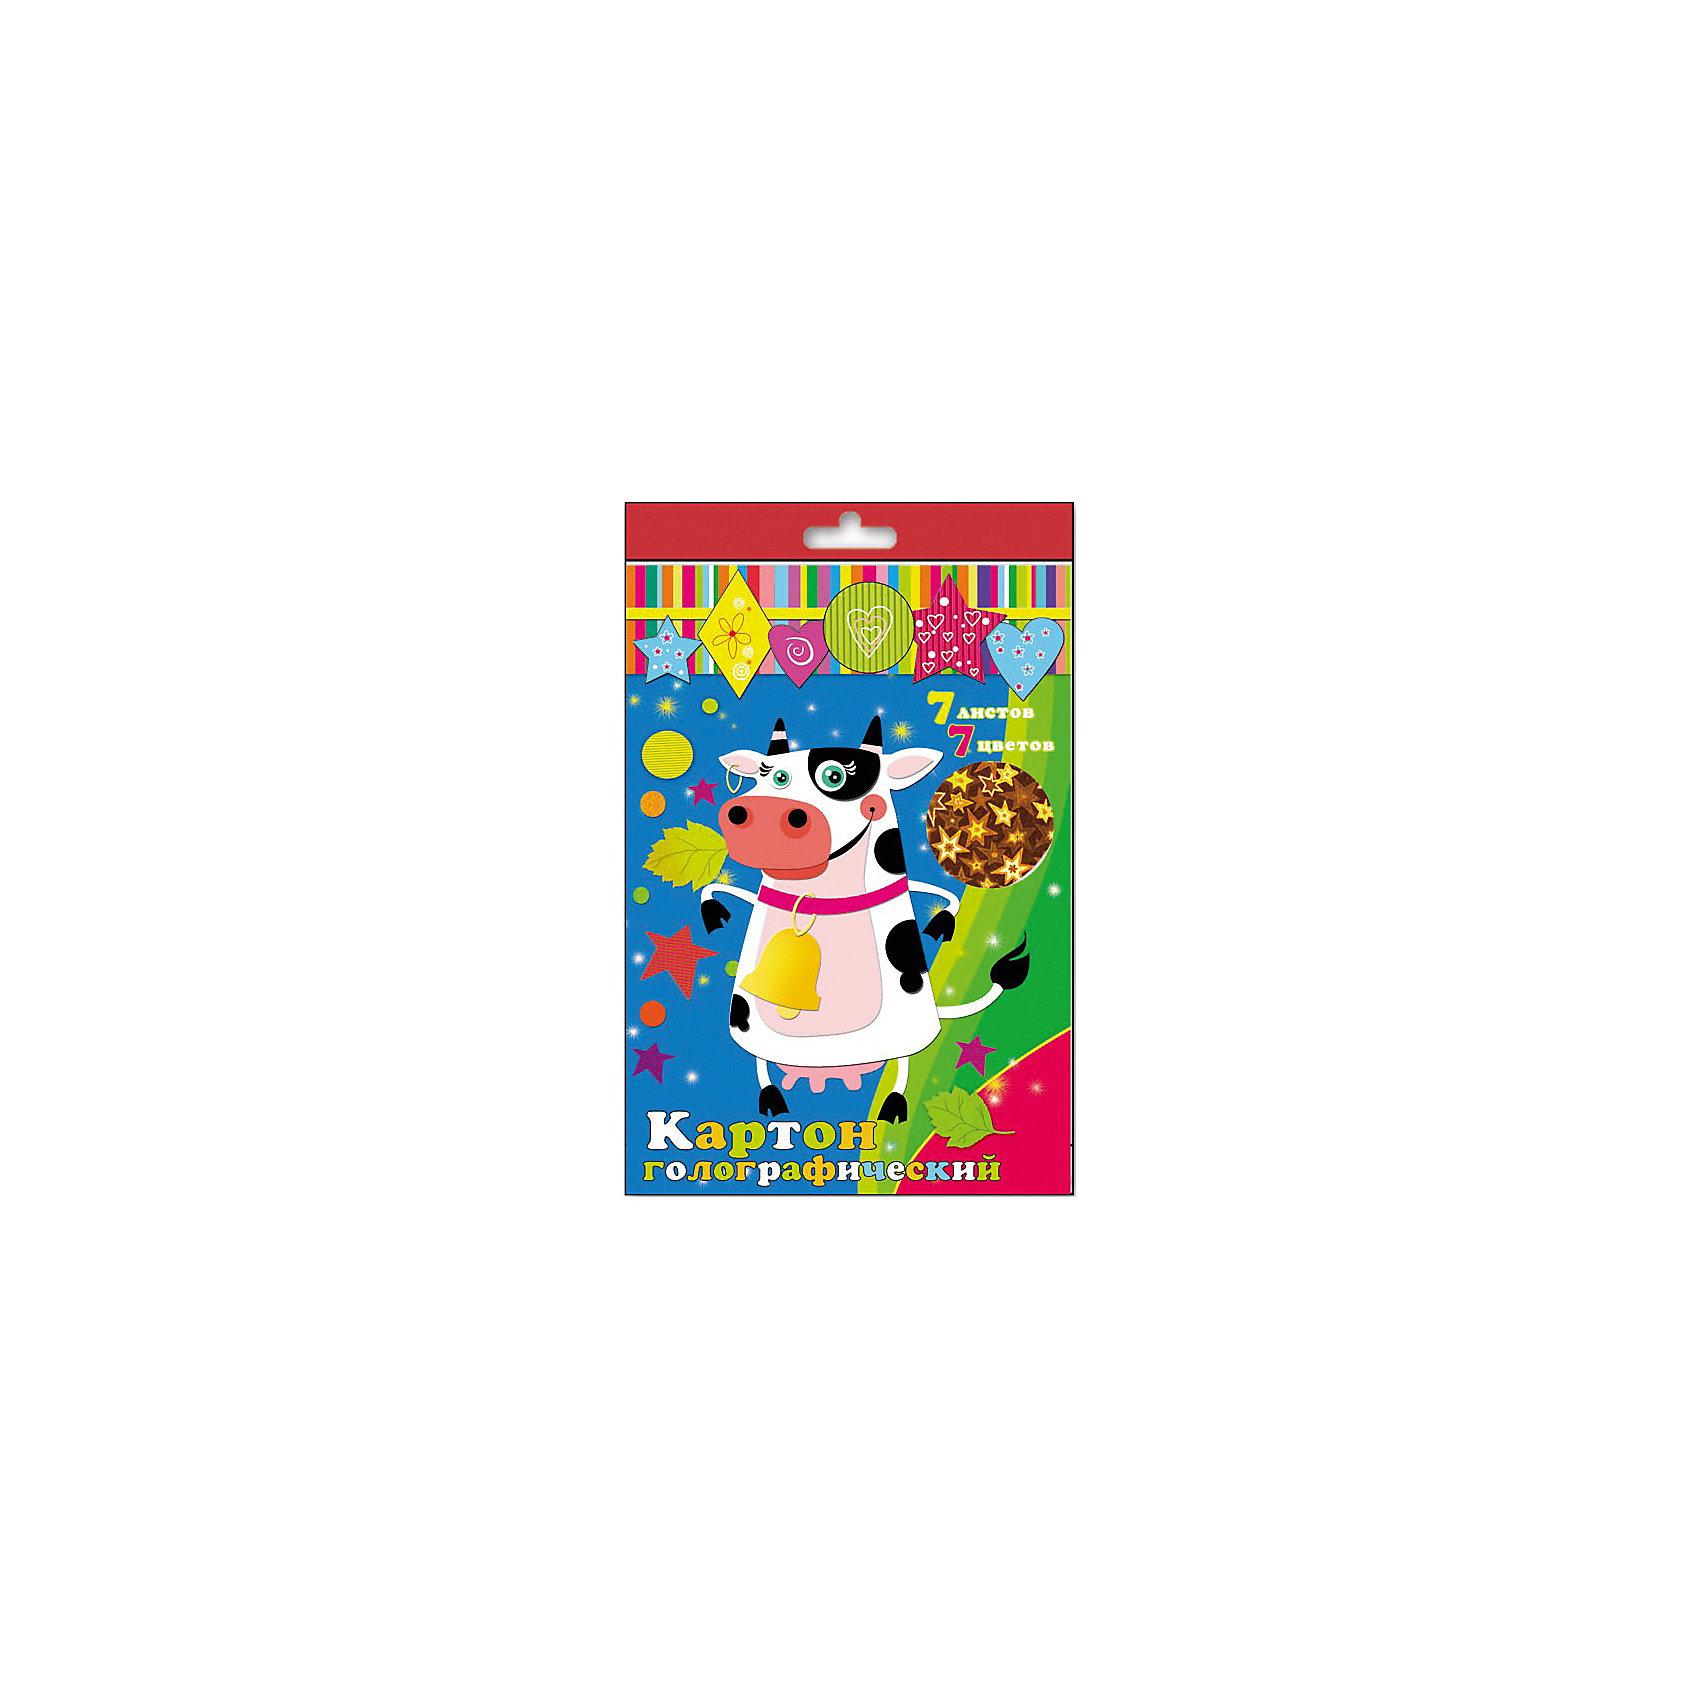 Картон голографический ,7 листовБумажная продукция<br>Красивый голографический картон поможет создать Вашему ребенку настоящий шедевр!<br><br>Дополнительная информация:<br><br>- Возраст: от 3 лет.<br>- 7 листов.<br>- 7 цветов.<br>- Материал: картон.<br>- Размер упаковки: 33х21х0,2 см.<br>- Вес в упаковке: 140 г. <br><br>Купить картон голографический, можно в нашем магазине.<br><br>Ширина мм: 330<br>Глубина мм: 210<br>Высота мм: 2<br>Вес г: 140<br>Возраст от месяцев: 36<br>Возраст до месяцев: 2147483647<br>Пол: Унисекс<br>Возраст: Детский<br>SKU: 4943584